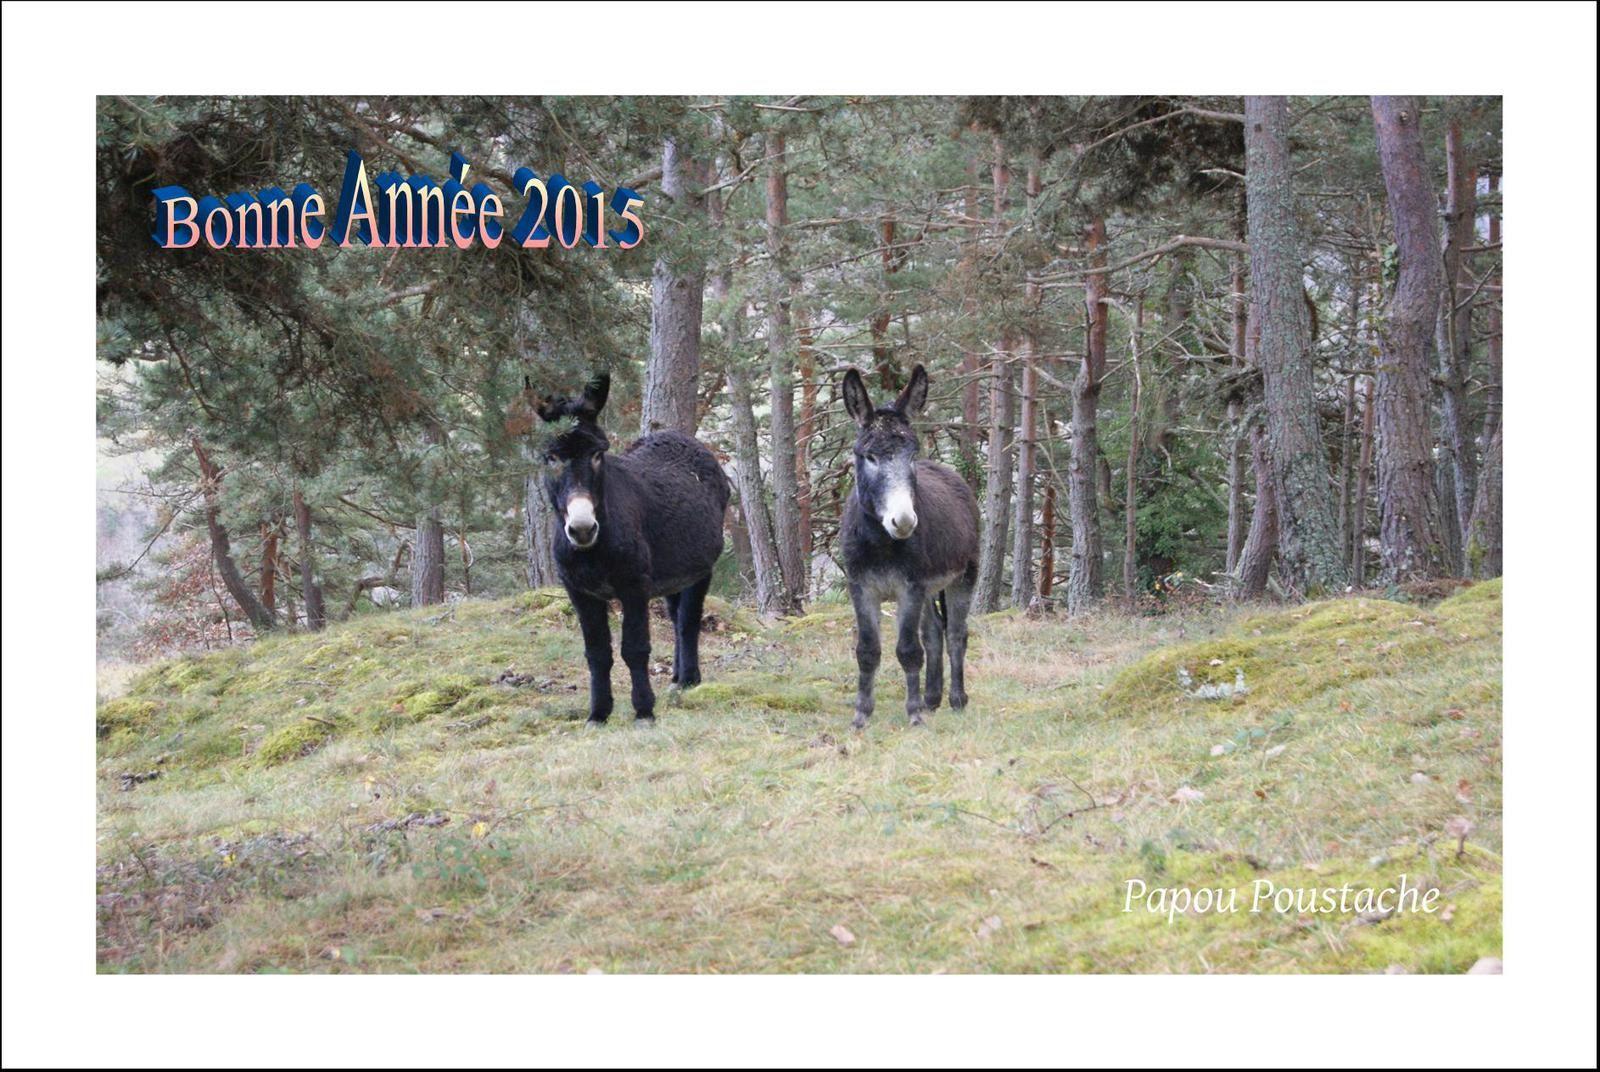 Cartes de Vœux  2015 gratuites d'Auvergne